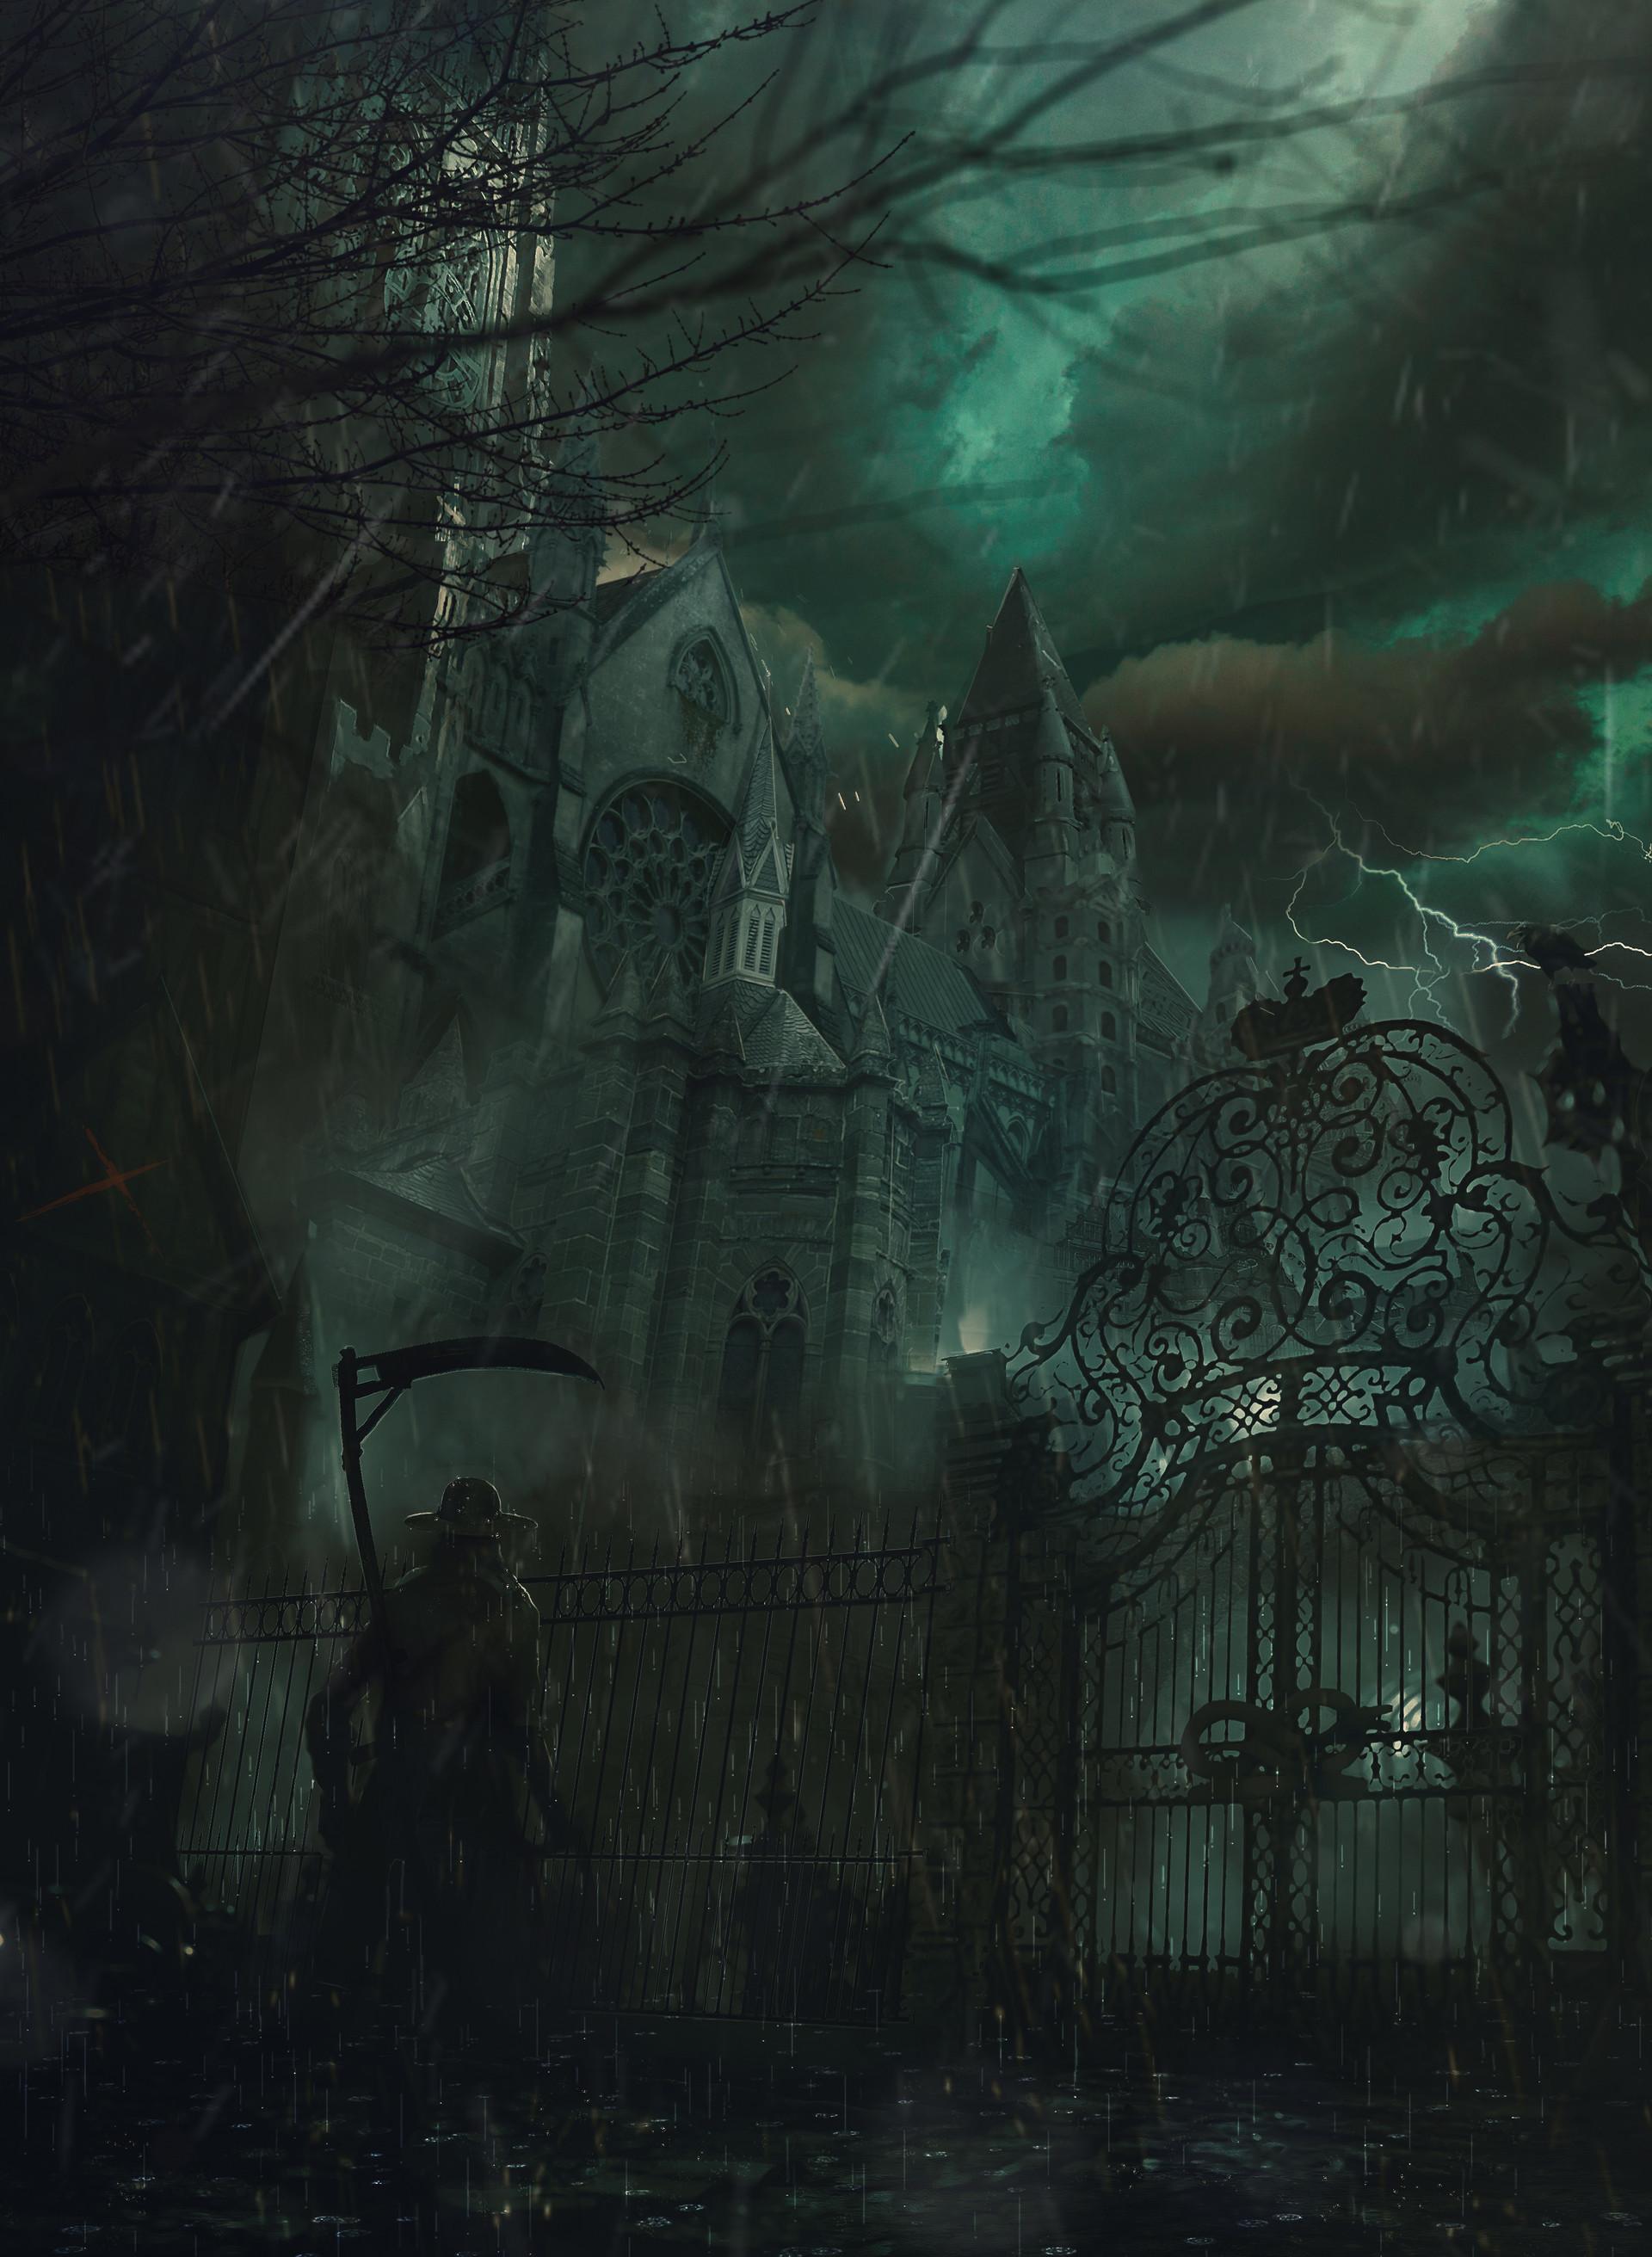 Michael morris gothicstorm 1